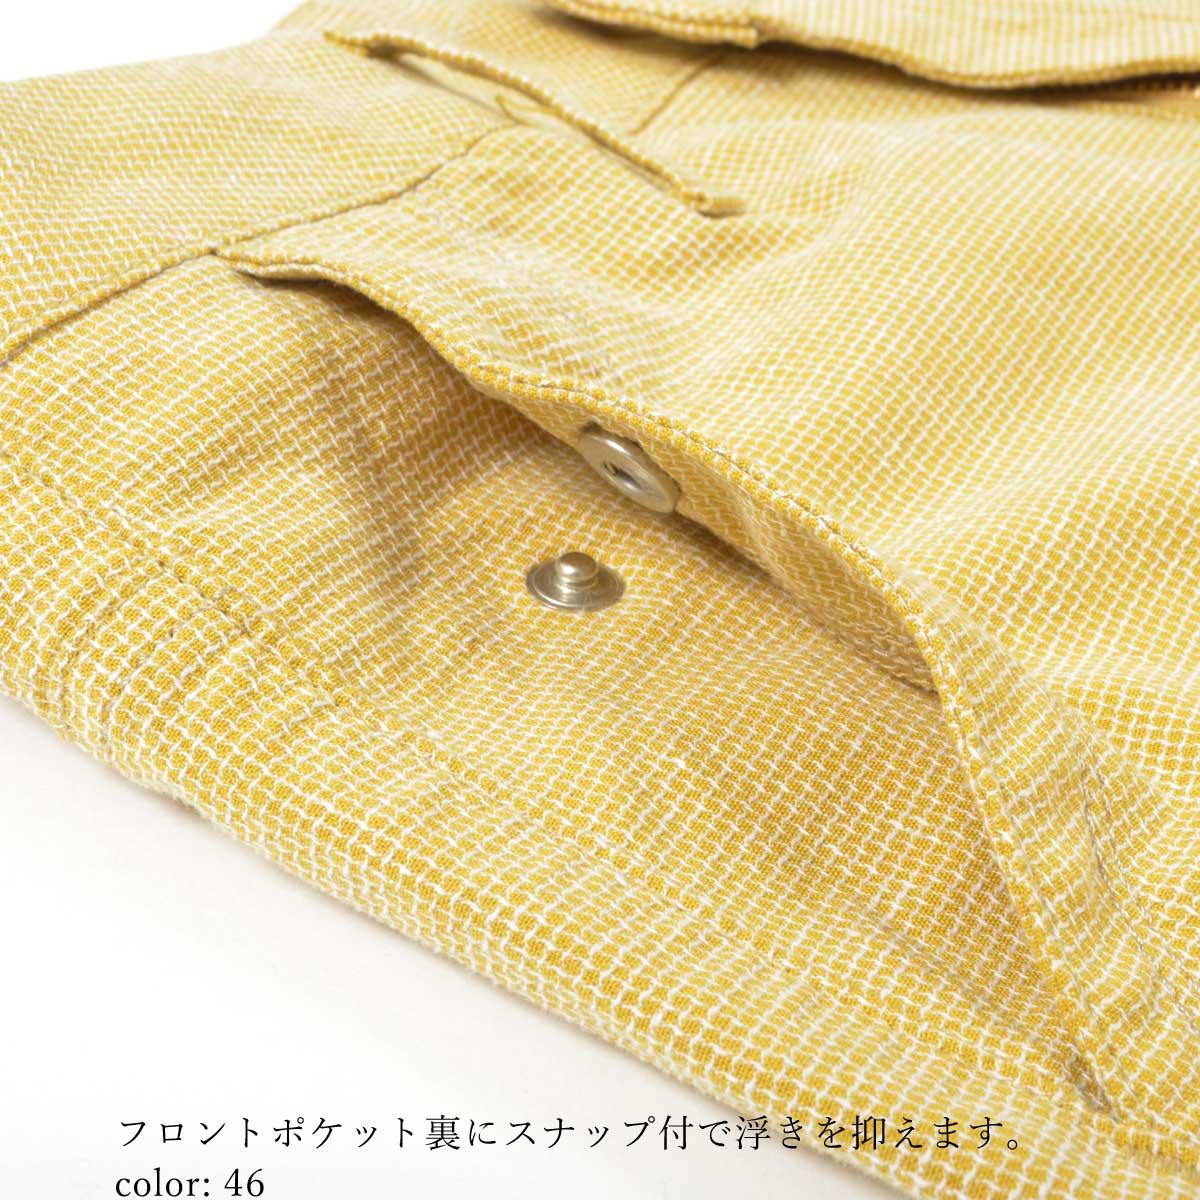 【SALE】Mrs.Jeana GOLD ■涼■ ドビーストレッチ サマーシガレットパンツ GM3846